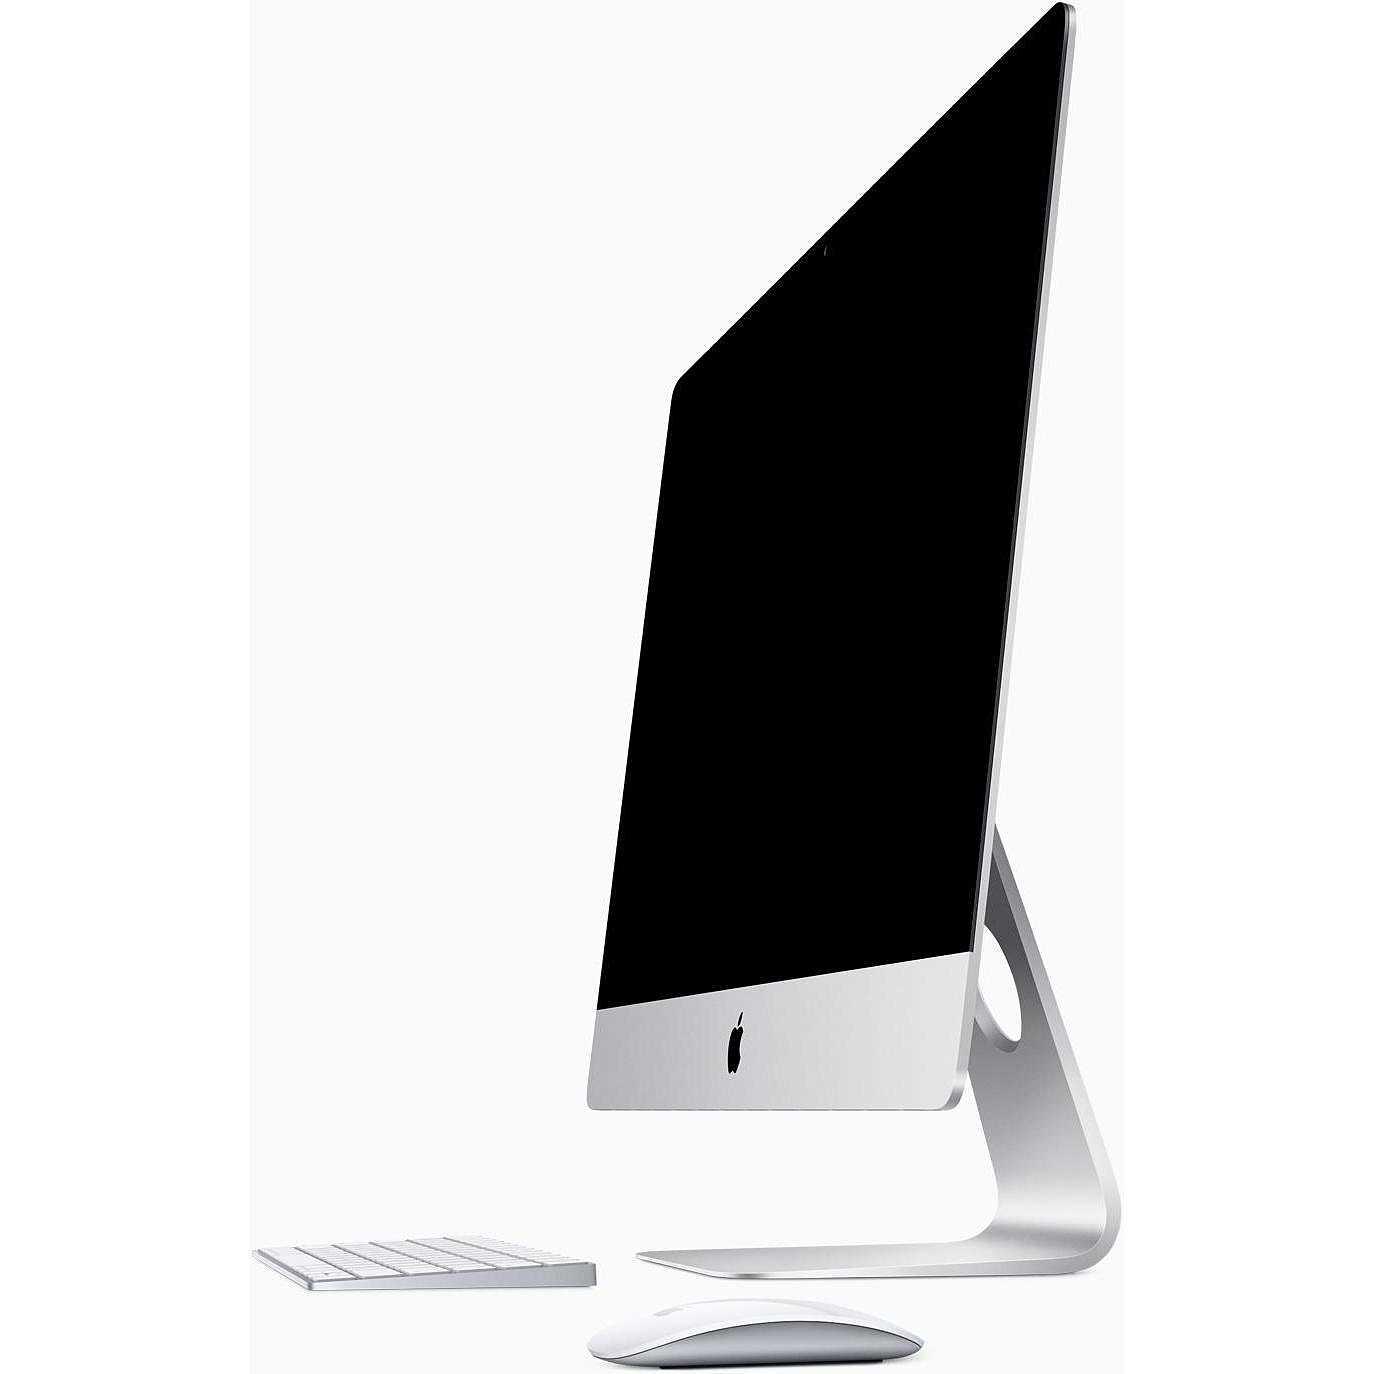 si può collegare due monitor a un iMac pseudo dizionario di incontri